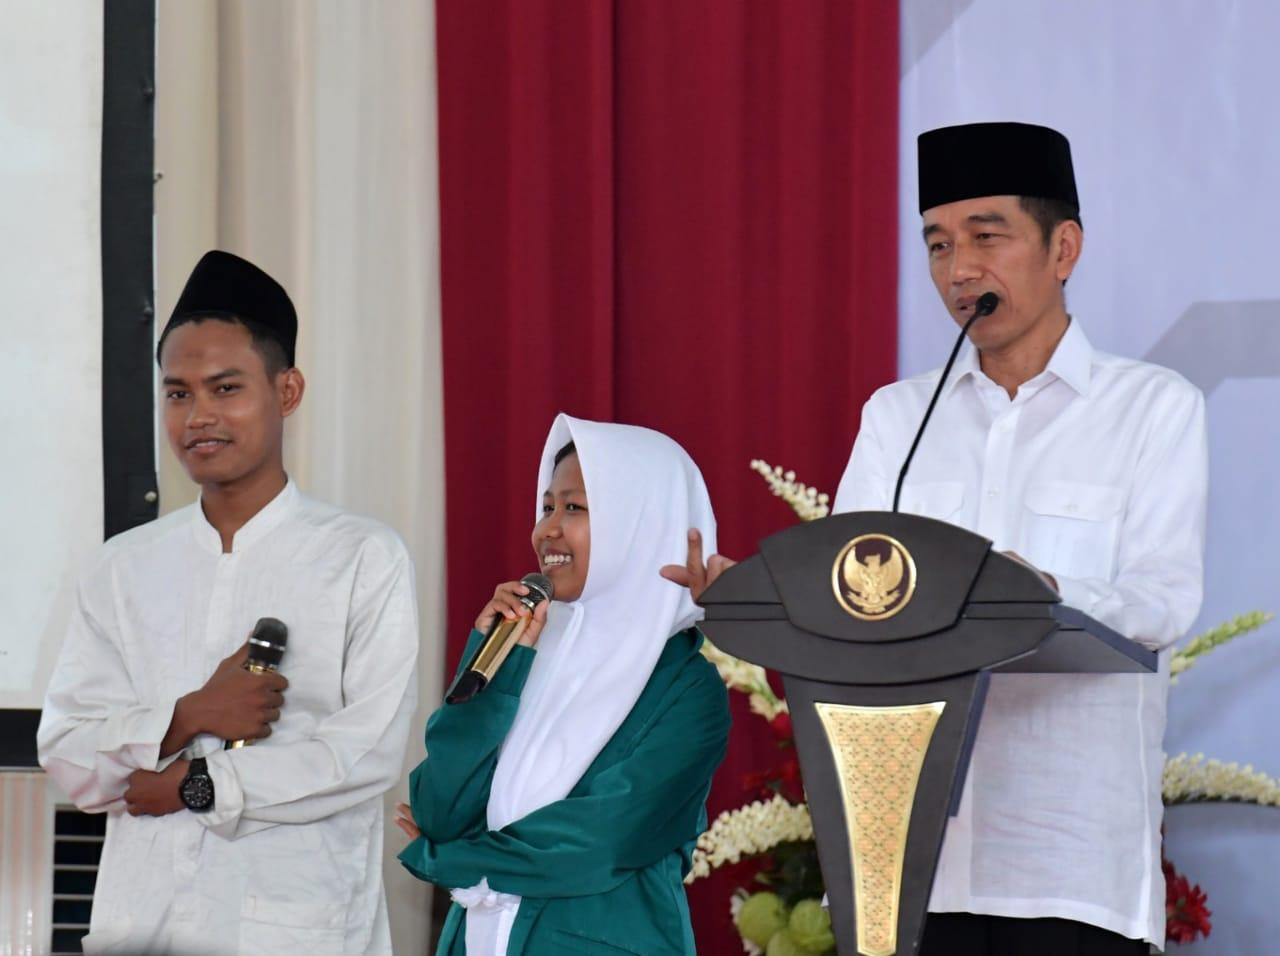 presiden-ajak-para-santri-pelihara-kerukunan-dan-persatuan-12